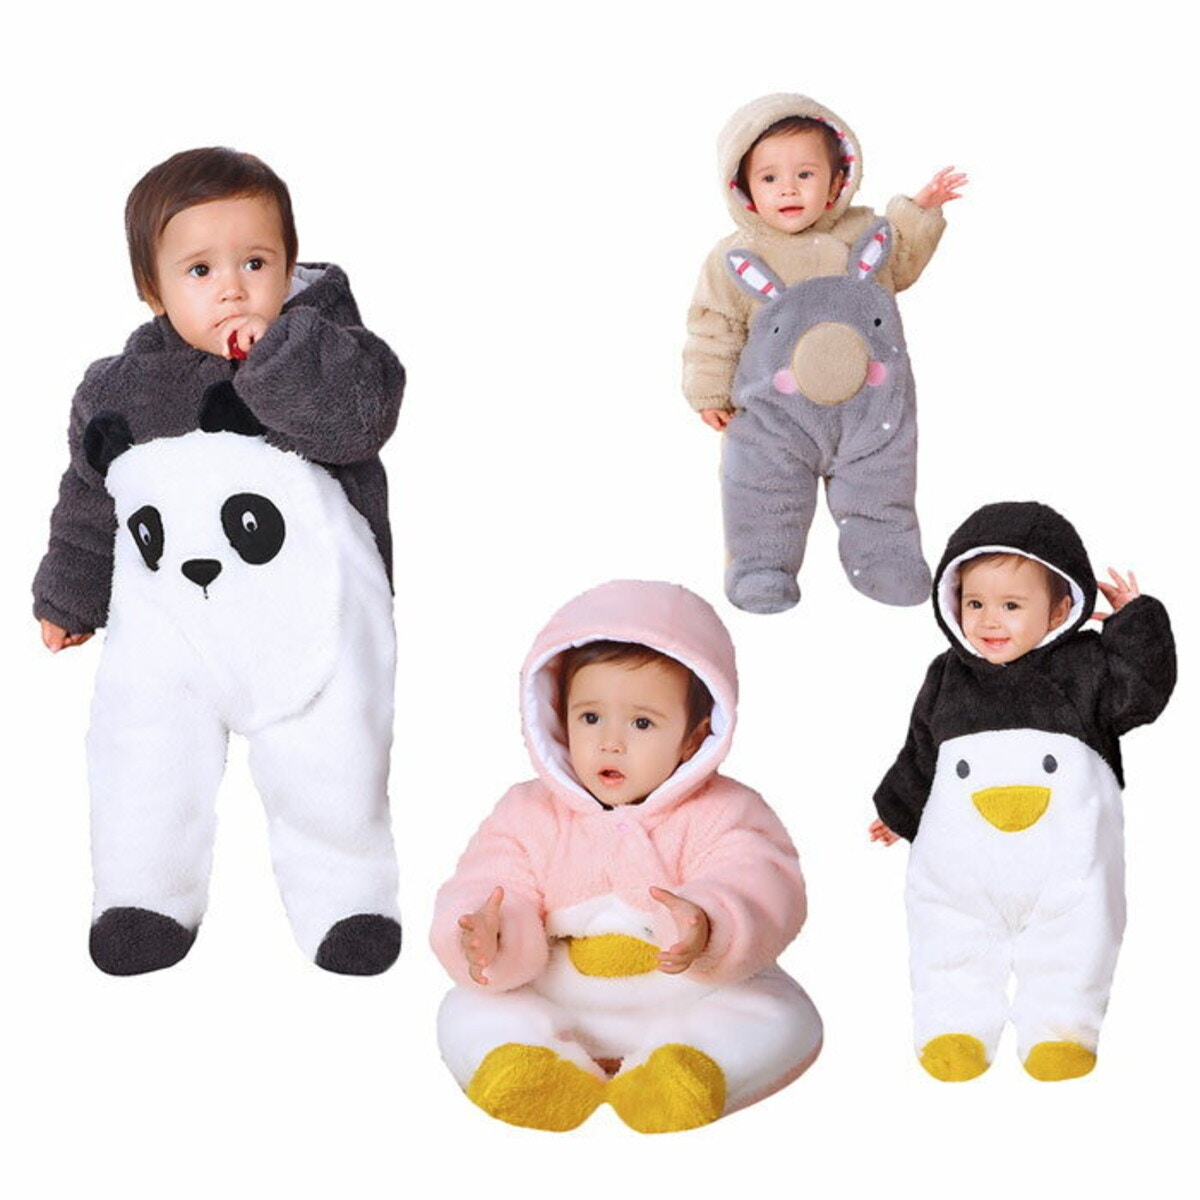 ベビー 着ぐるみ パンダ ペンギン ウサギ